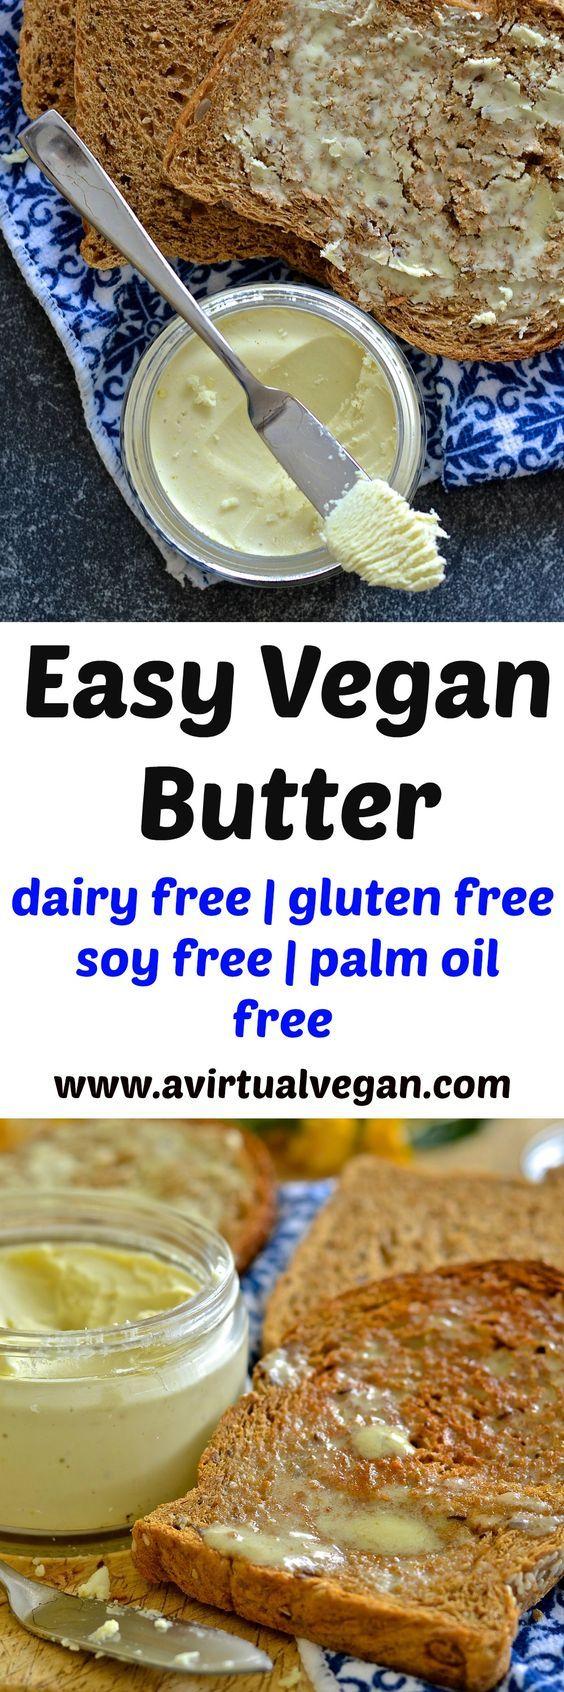 Easy Vegan Butter